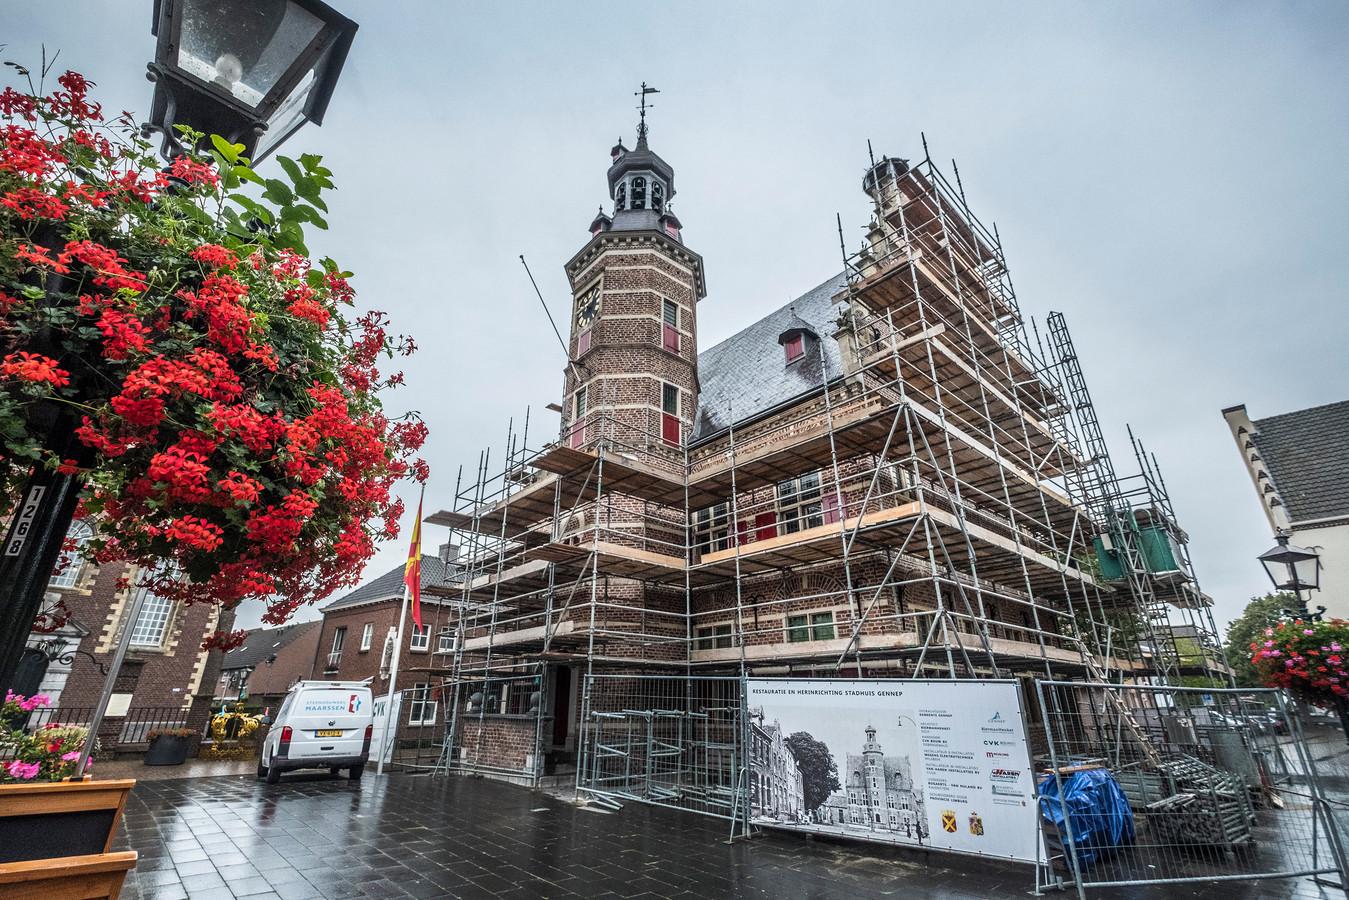 Het historische stadhuis van Gennep in de steigers.